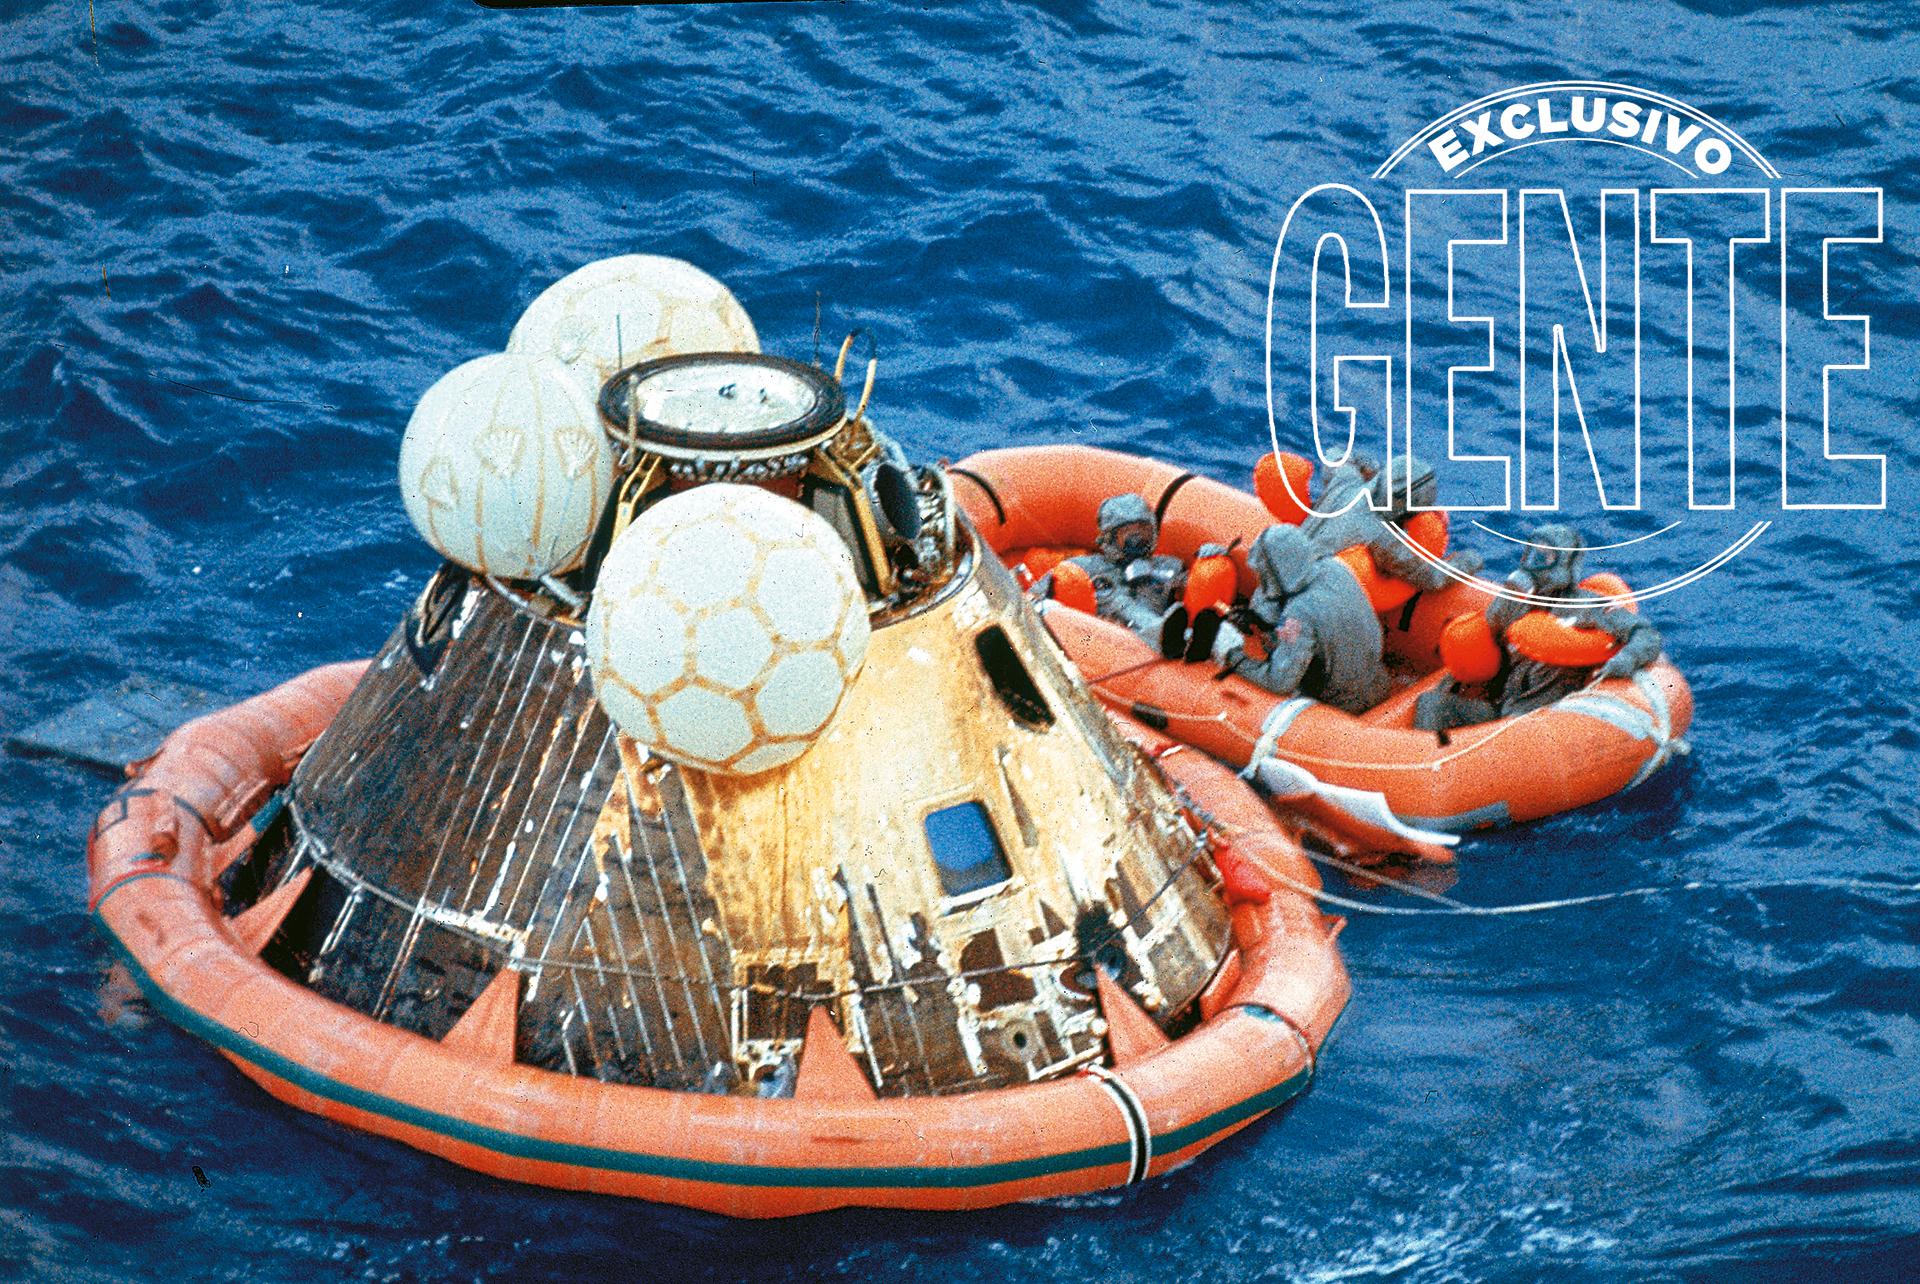 Son recogidos del Océano Pacífico por los tripulantes del USS Hornet, un portaaviones de la Segunda Guerra Mundial. La misión, considerada uno de los momentos humanos más significativos jamás cristalizados, fue la primera de un total de seis expediciones exitosas a la Luna, con doce astronautas caminando sobre ella. El último, el americano Eugene Cernan, en diciembre de 1972.